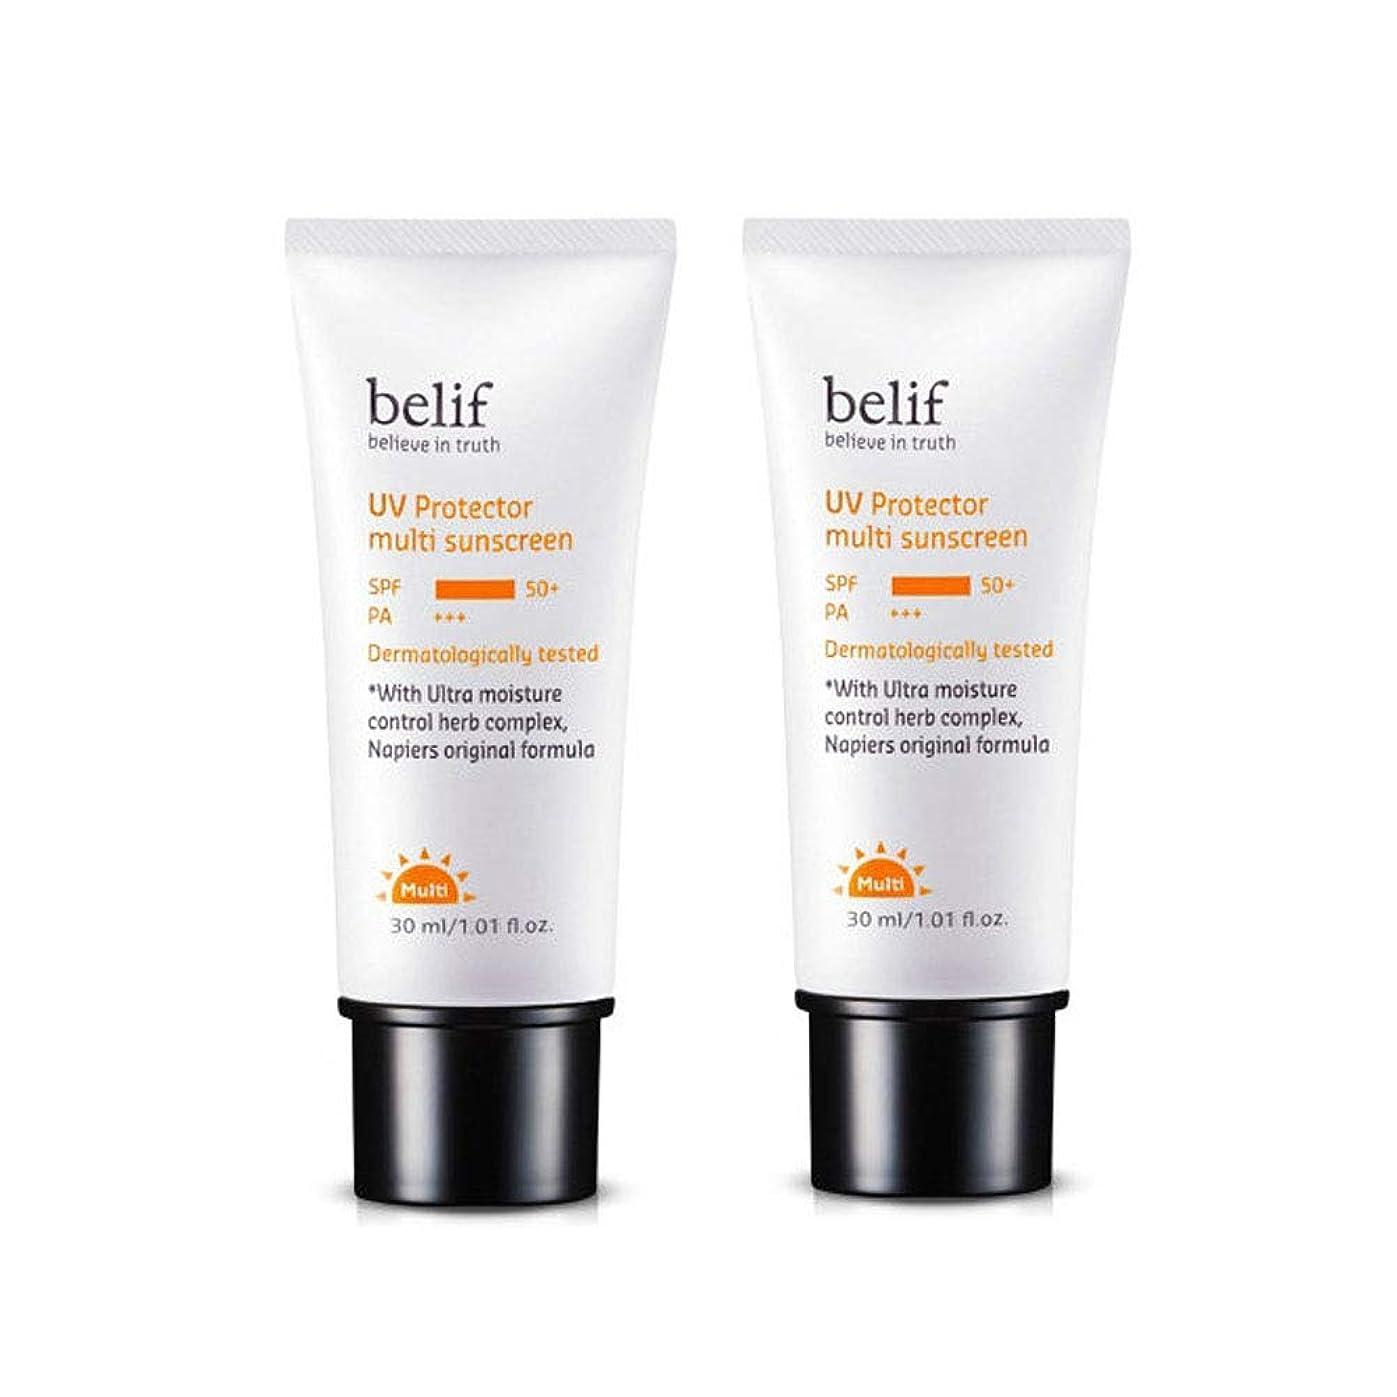 道路テラス砂のビリープUVプロテクターマルチサンスクリーンSPF50+/ PA+++ 30mlx2本セットサンクリーム韓国コスメ、belif UV Protector Multi Sunscreen SPF50+ / PA+++ 30ml x 2ea Set Korean Cosmetics [並行輸入品]